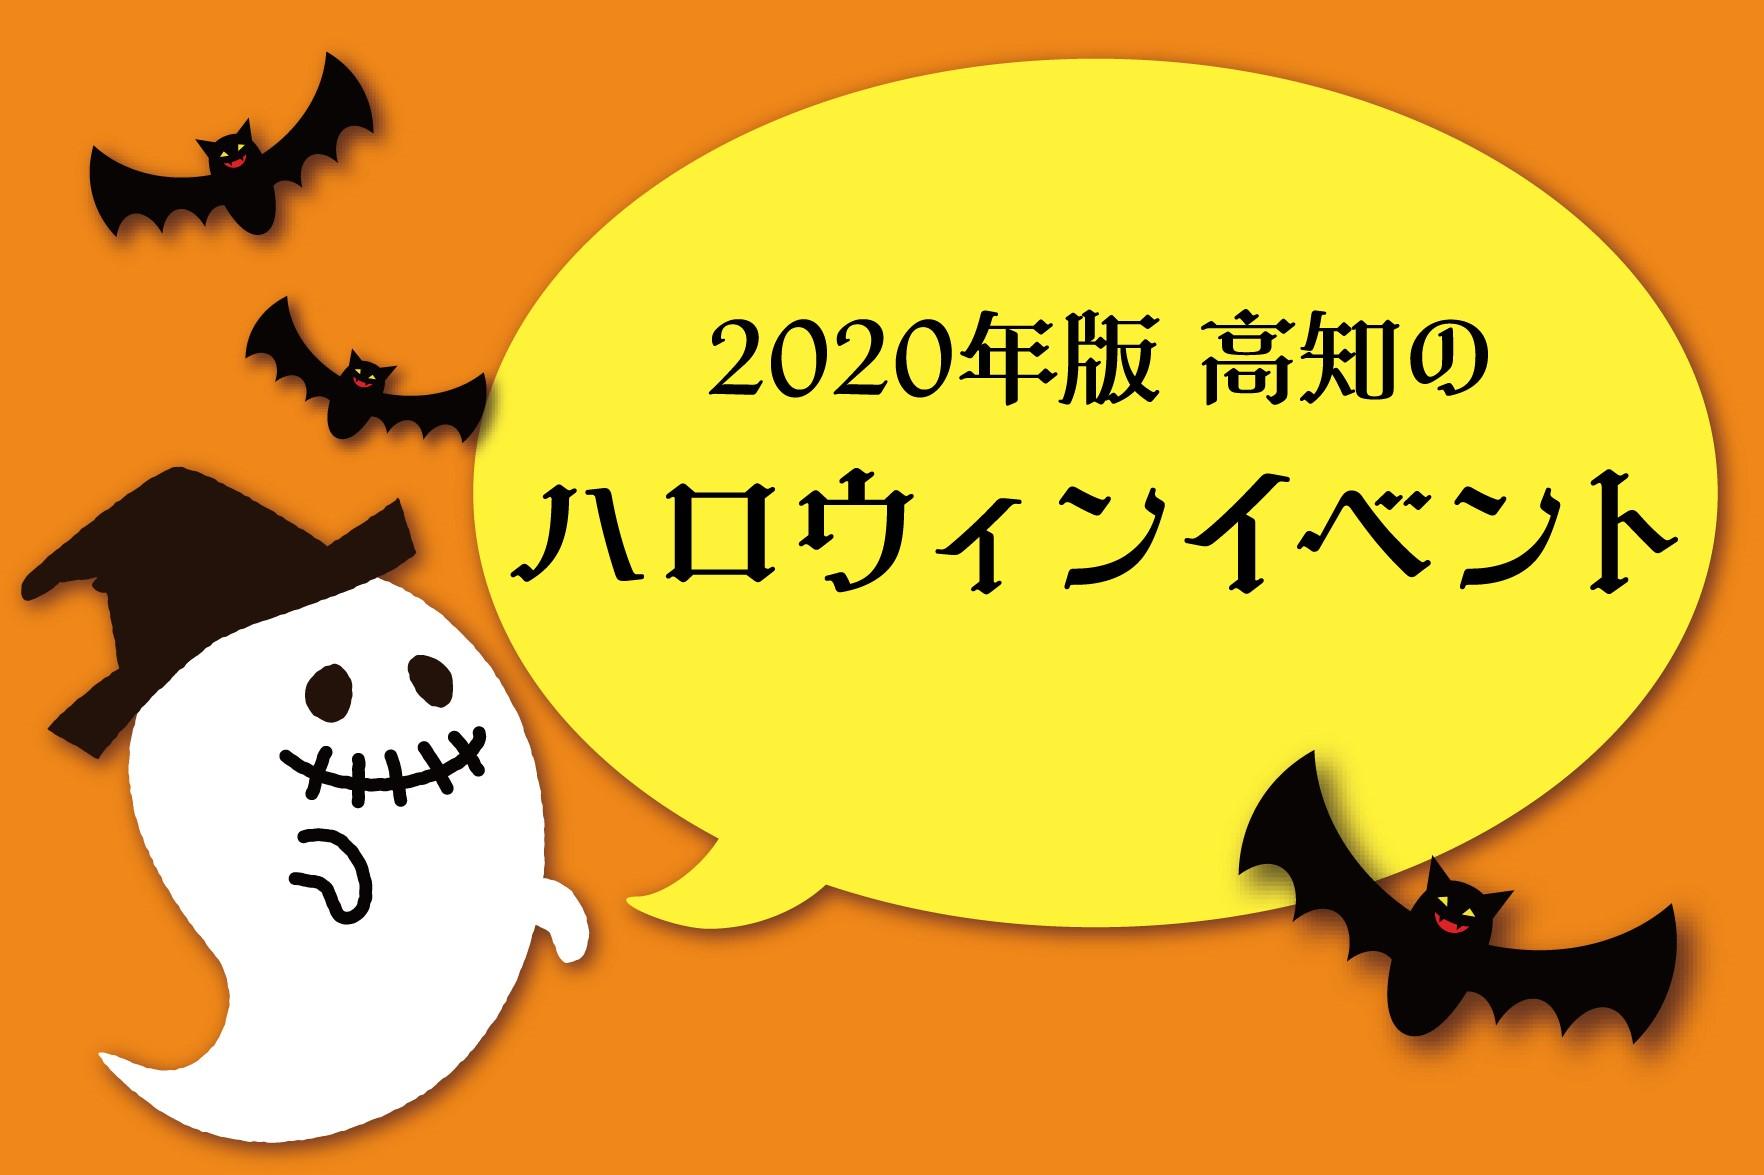 親子で楽しむ!2020年・高知のハロウィンイベント決定版!